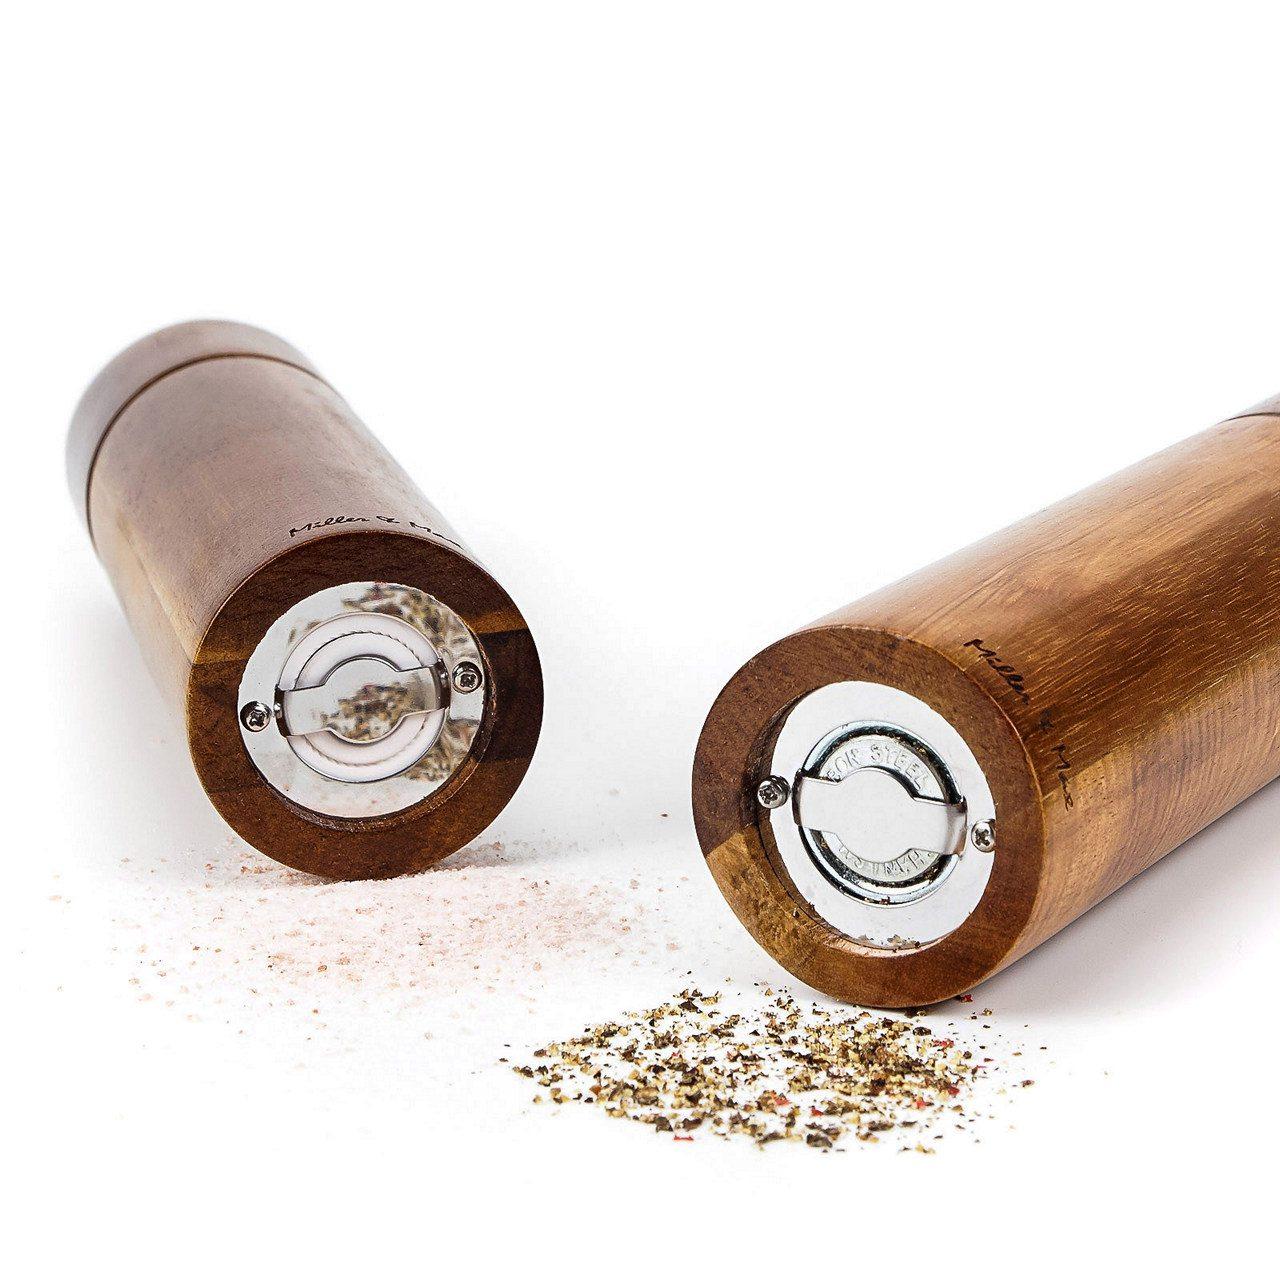 фотосъемка предметов для amazon - мельницы для измельчения продуктов